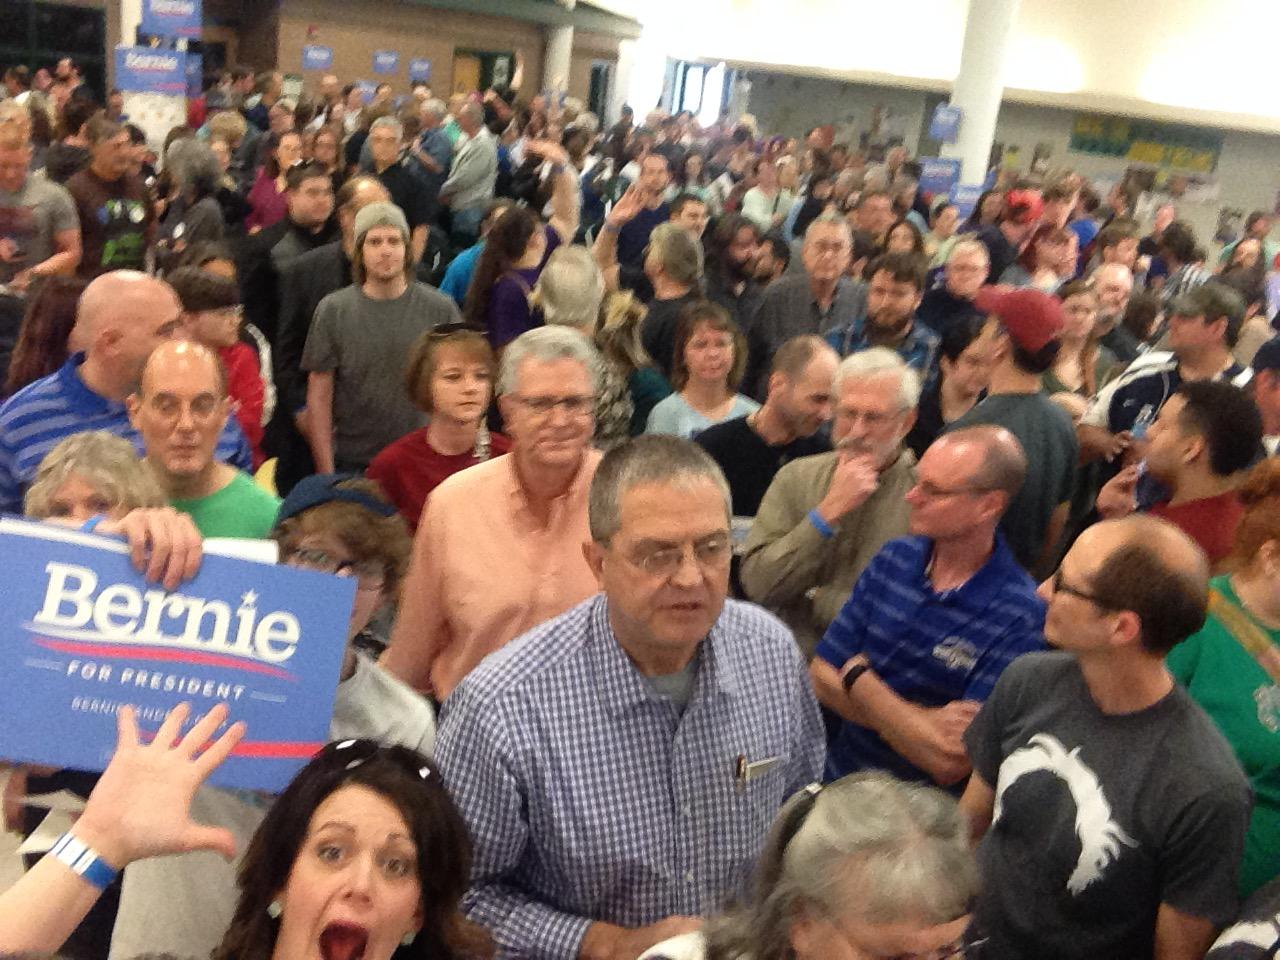 Sanders to Speak at Kansas Democratic Party Gathering